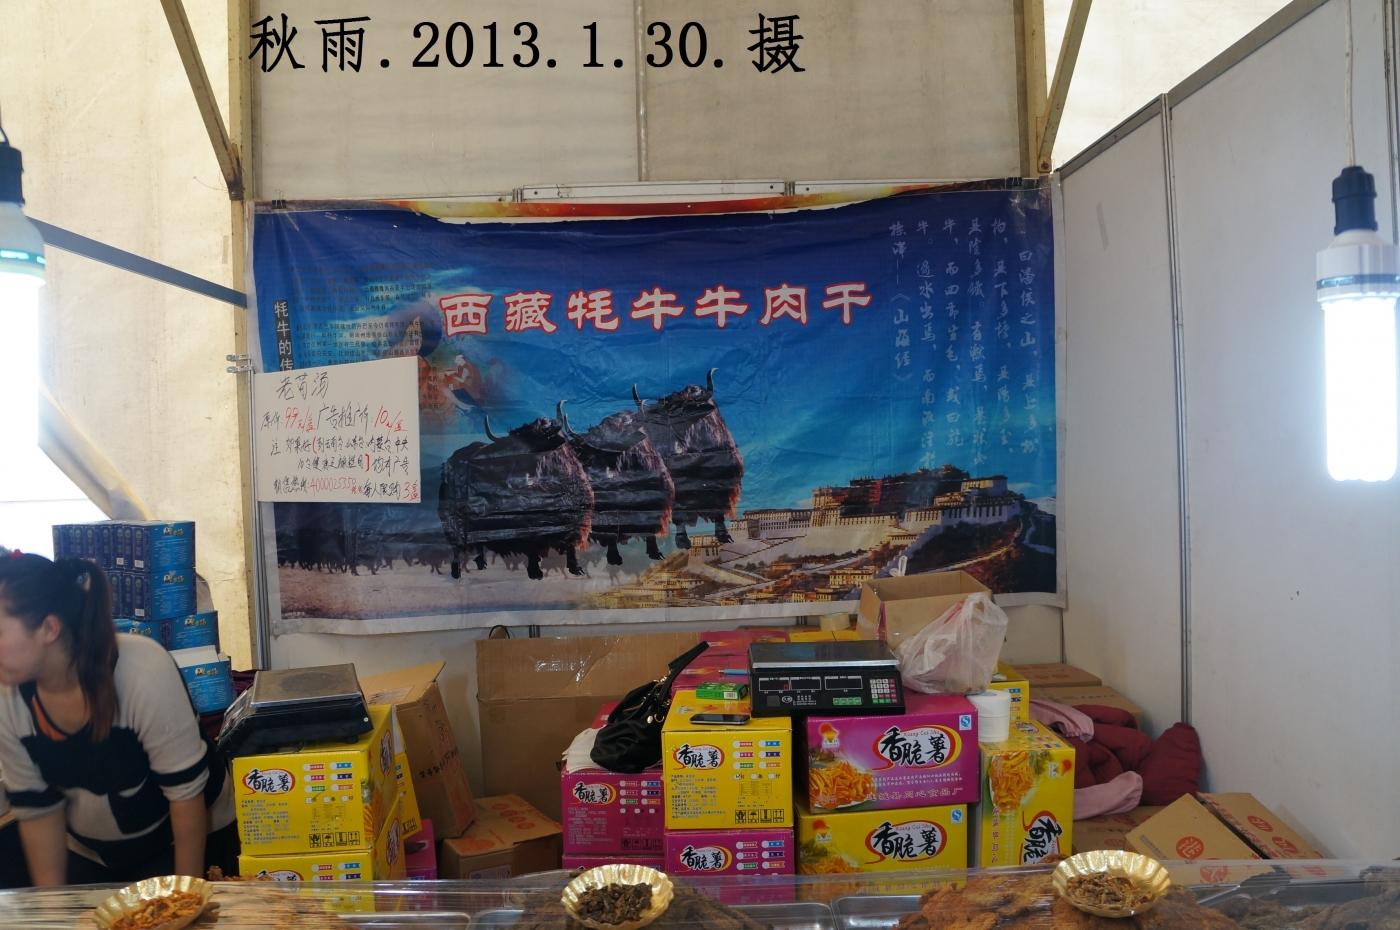 迎新春年货展销会(摄影原创)_图1-20